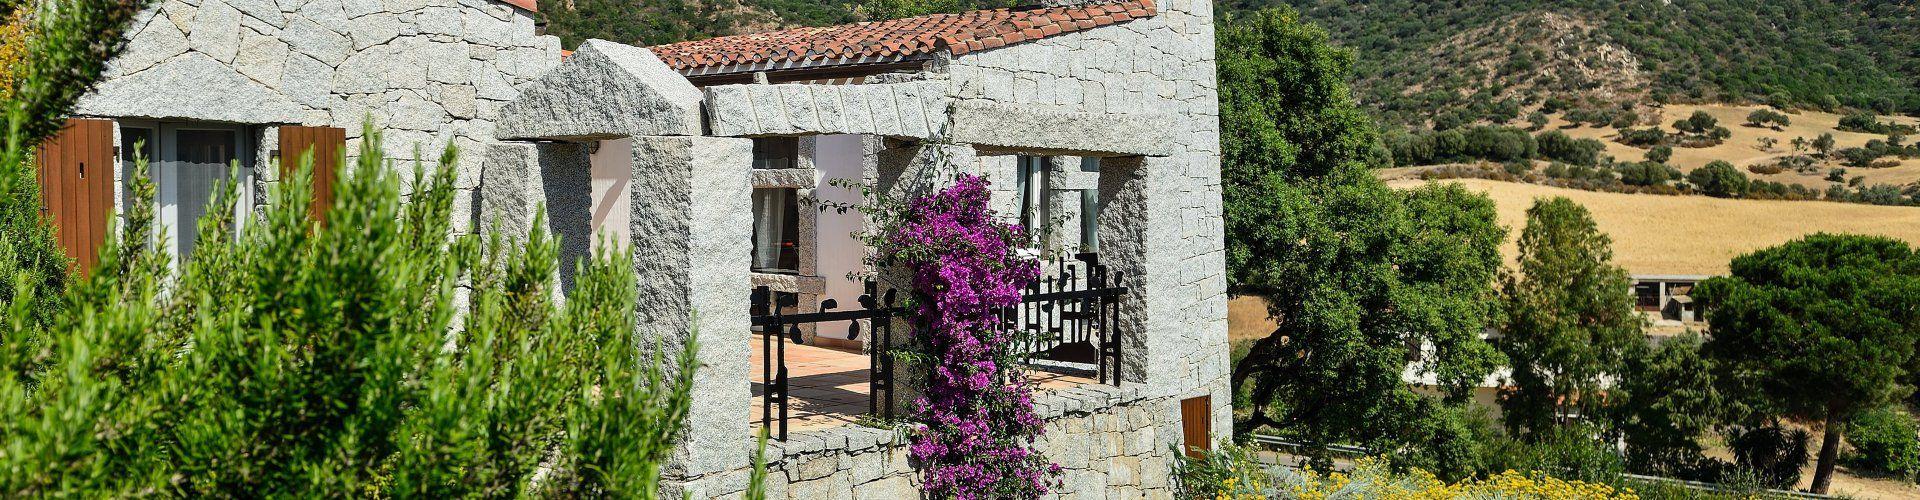 lichtdurchflutete Villa in Süd-Ost Sardinien mit Gemeinschaftspool